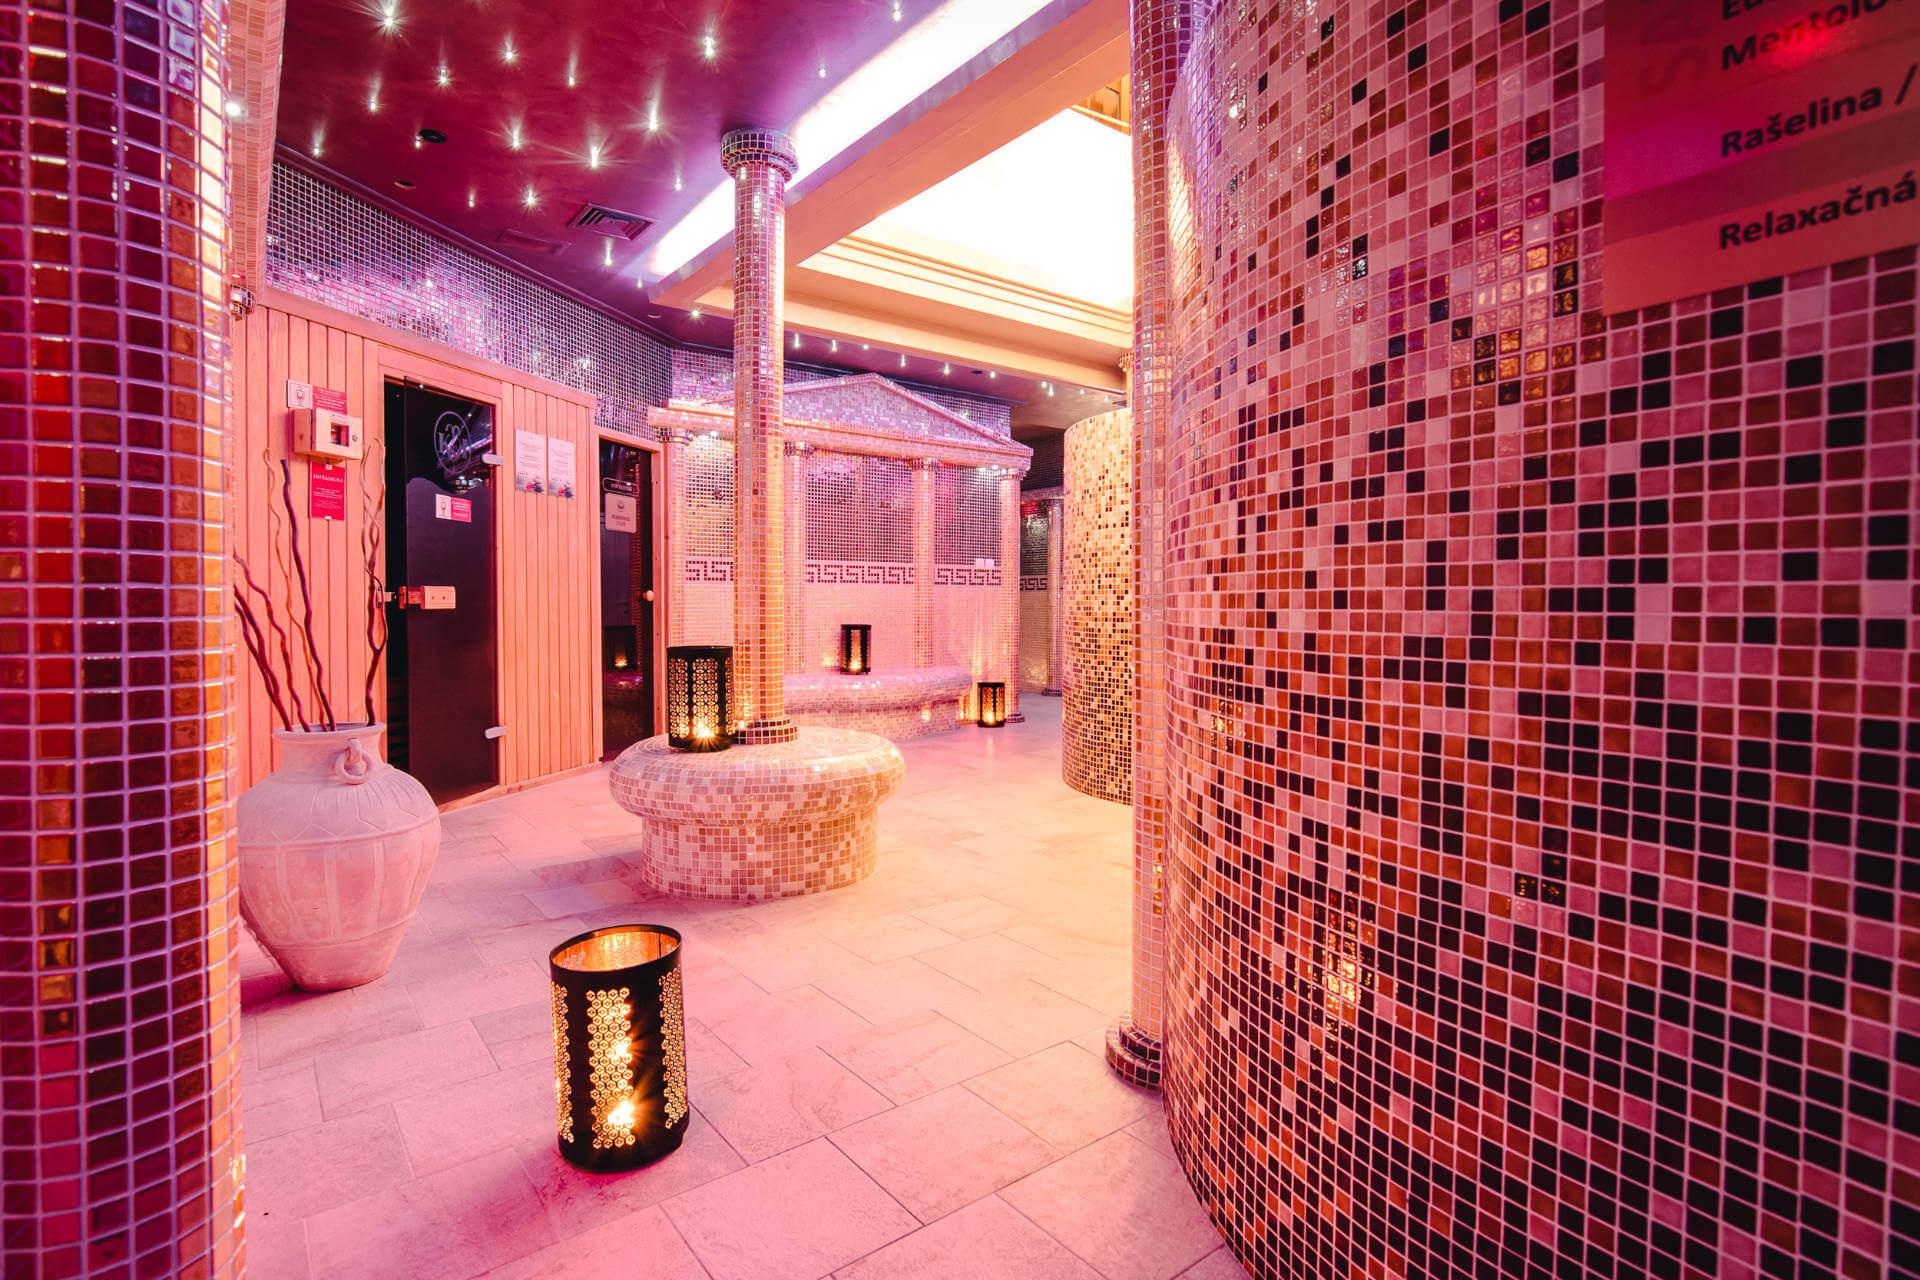 Saunový svet v hotel a spa resorte Kaskady